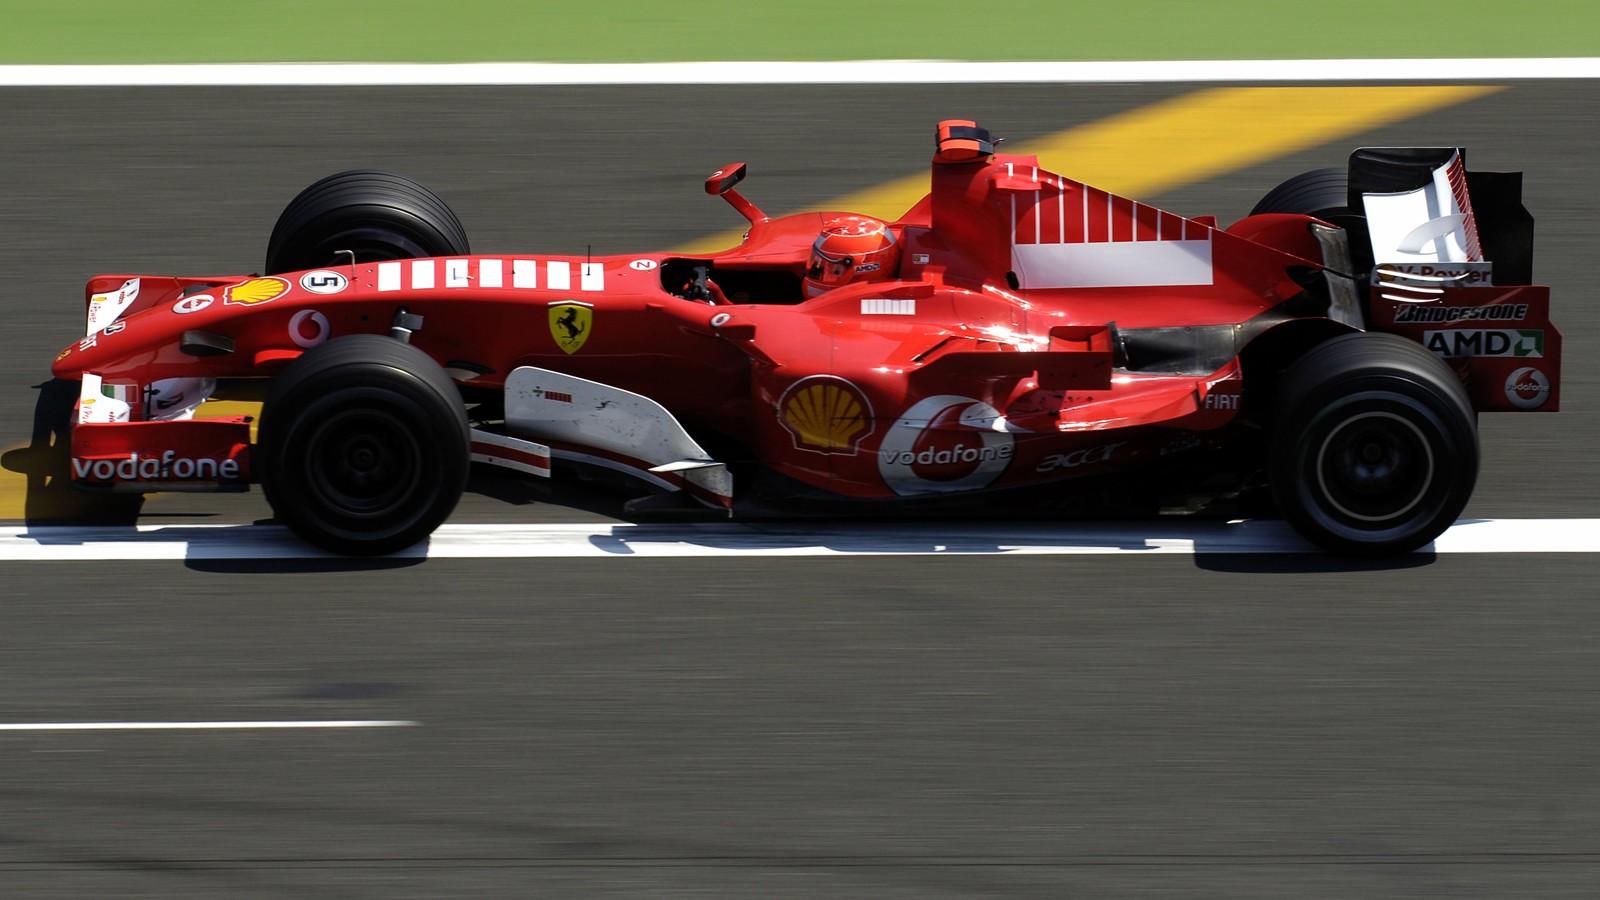 http://formula1.ferrari.com